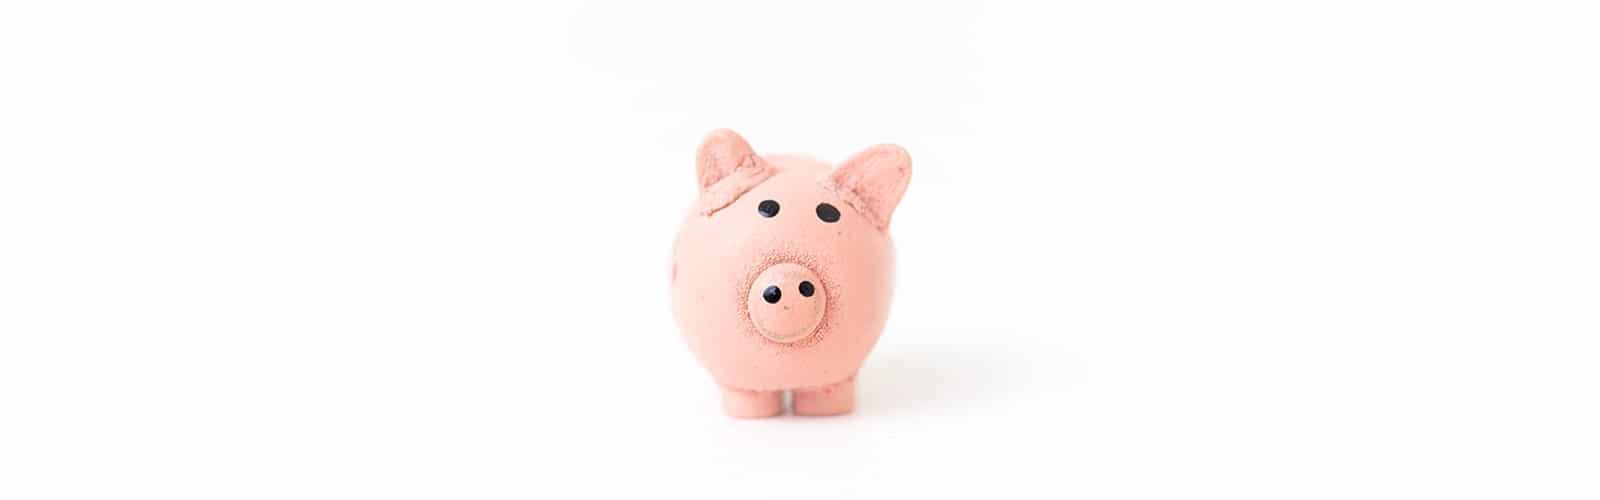 Rémunération baby-sitter : que demander à la famille ?